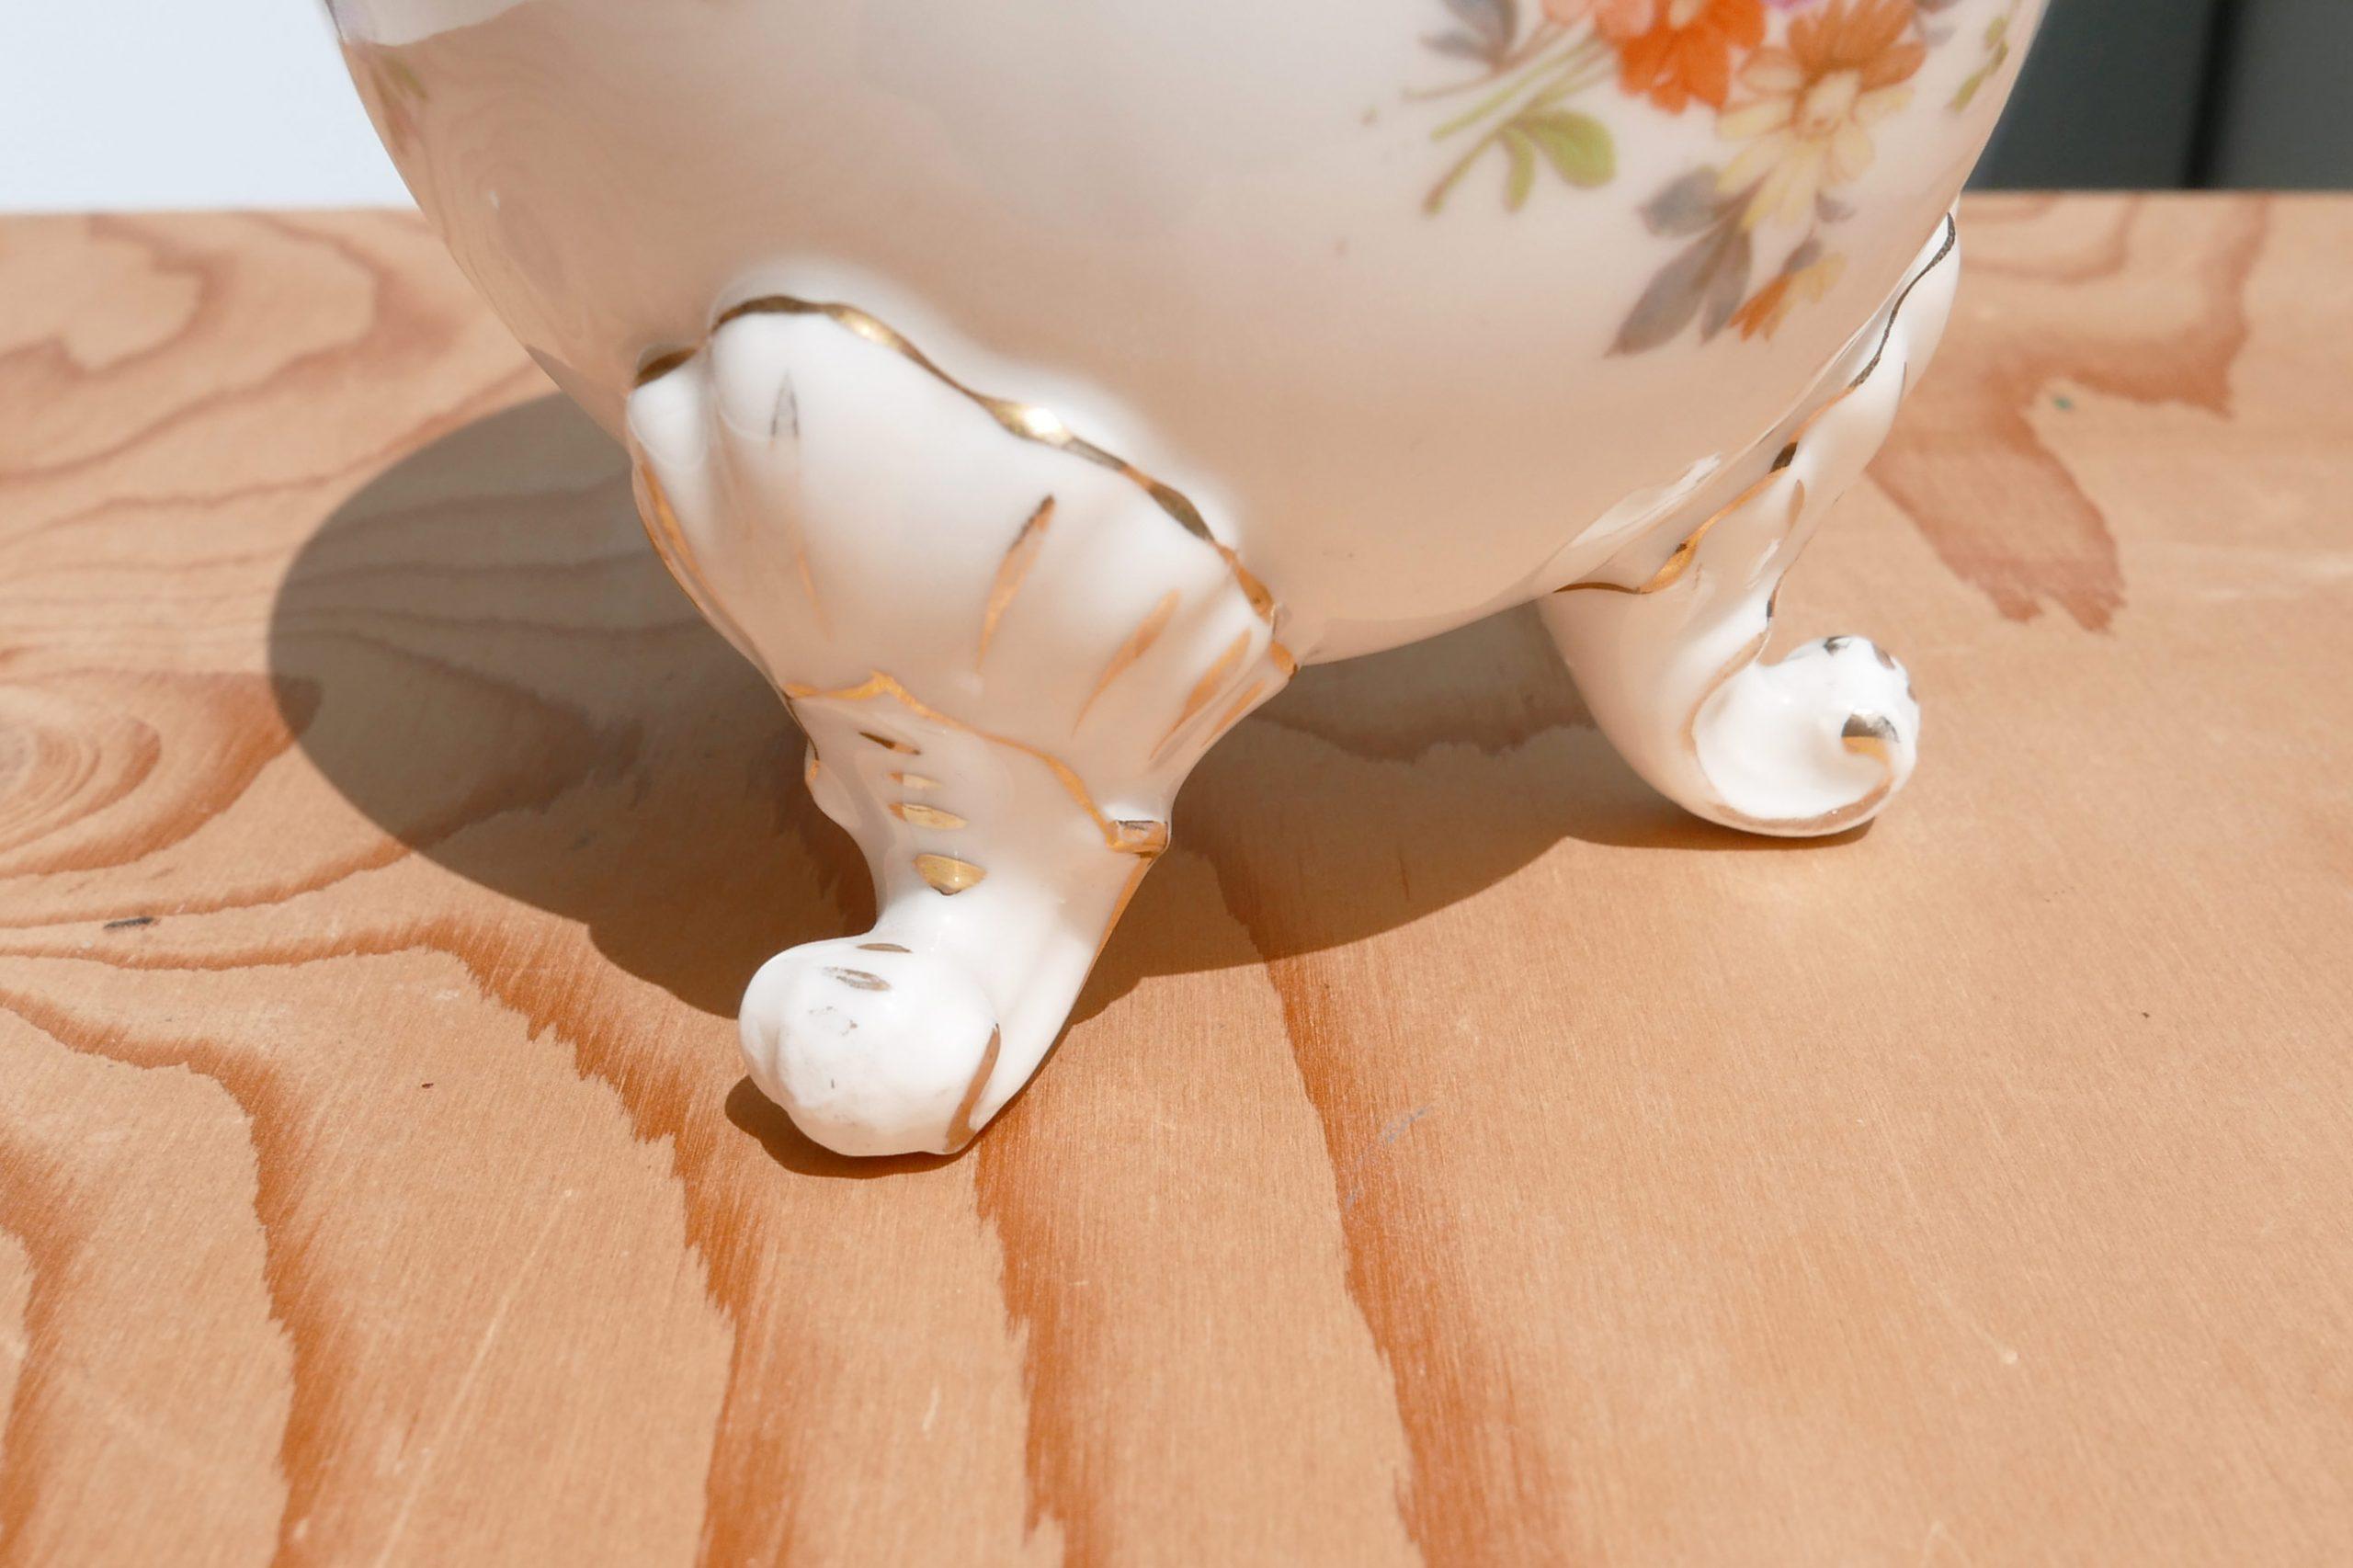 ovale Vase Schlegelmilch Gefäße mit Füßchen